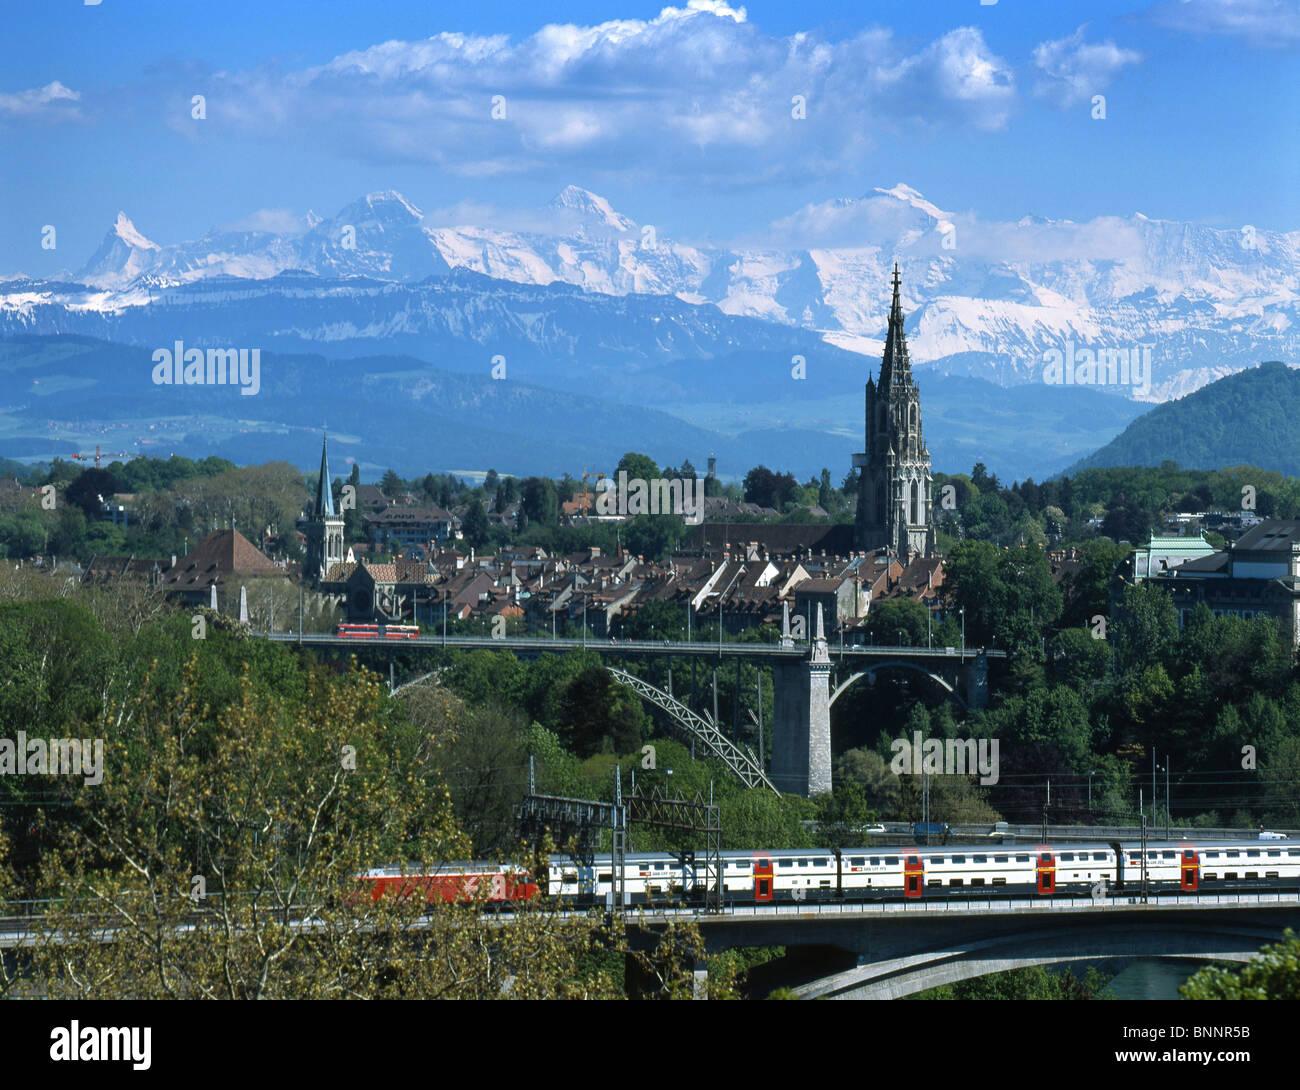 Bern Bernese Alps railway train feature railroad mountain